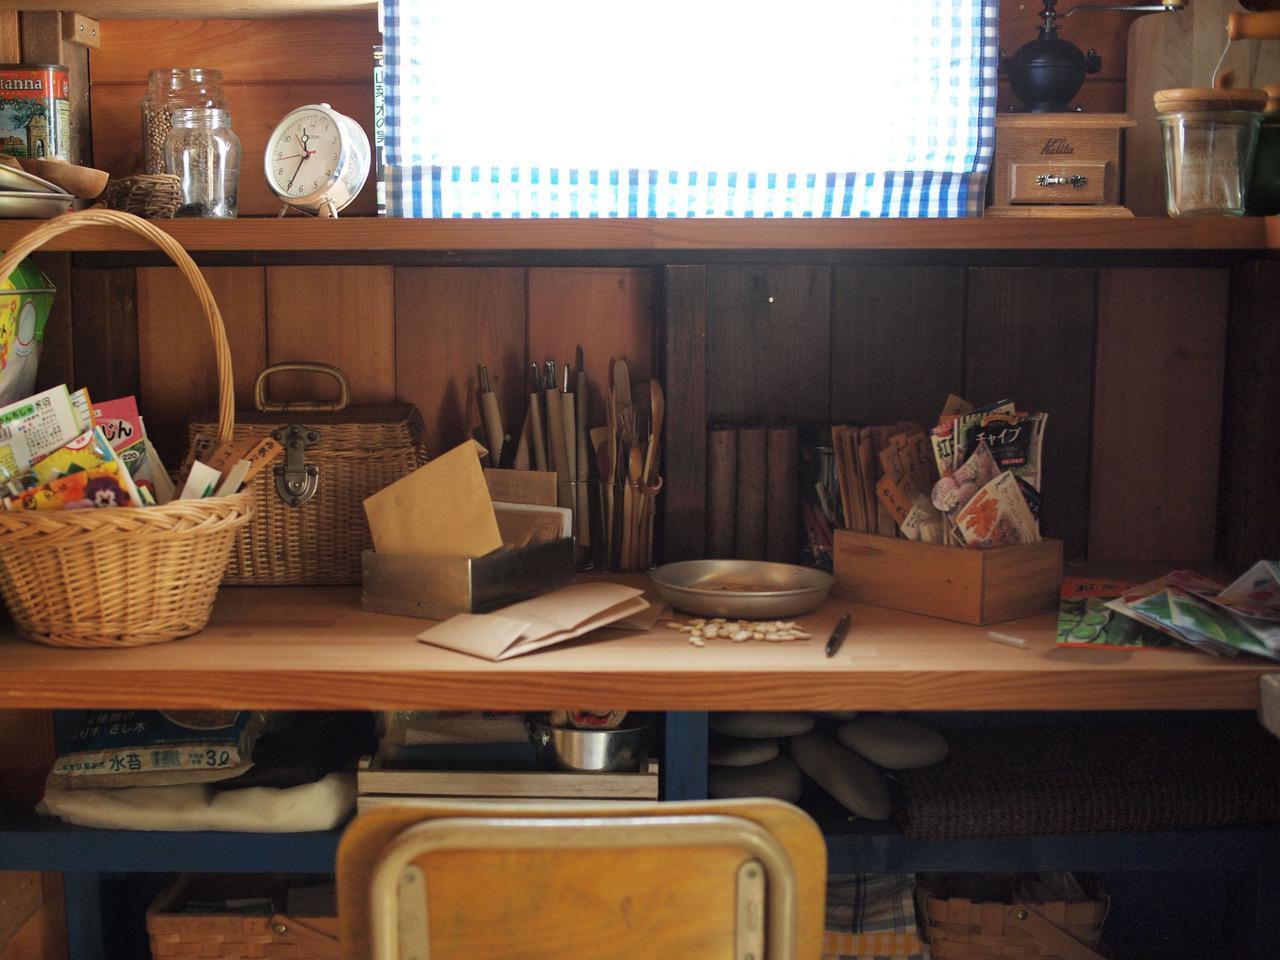 画像: 小屋で種の仕分け作業。保管する袋がビニール製だとカビの原因になるので、封筒状に折りたたんだ紙の袋で保管しています